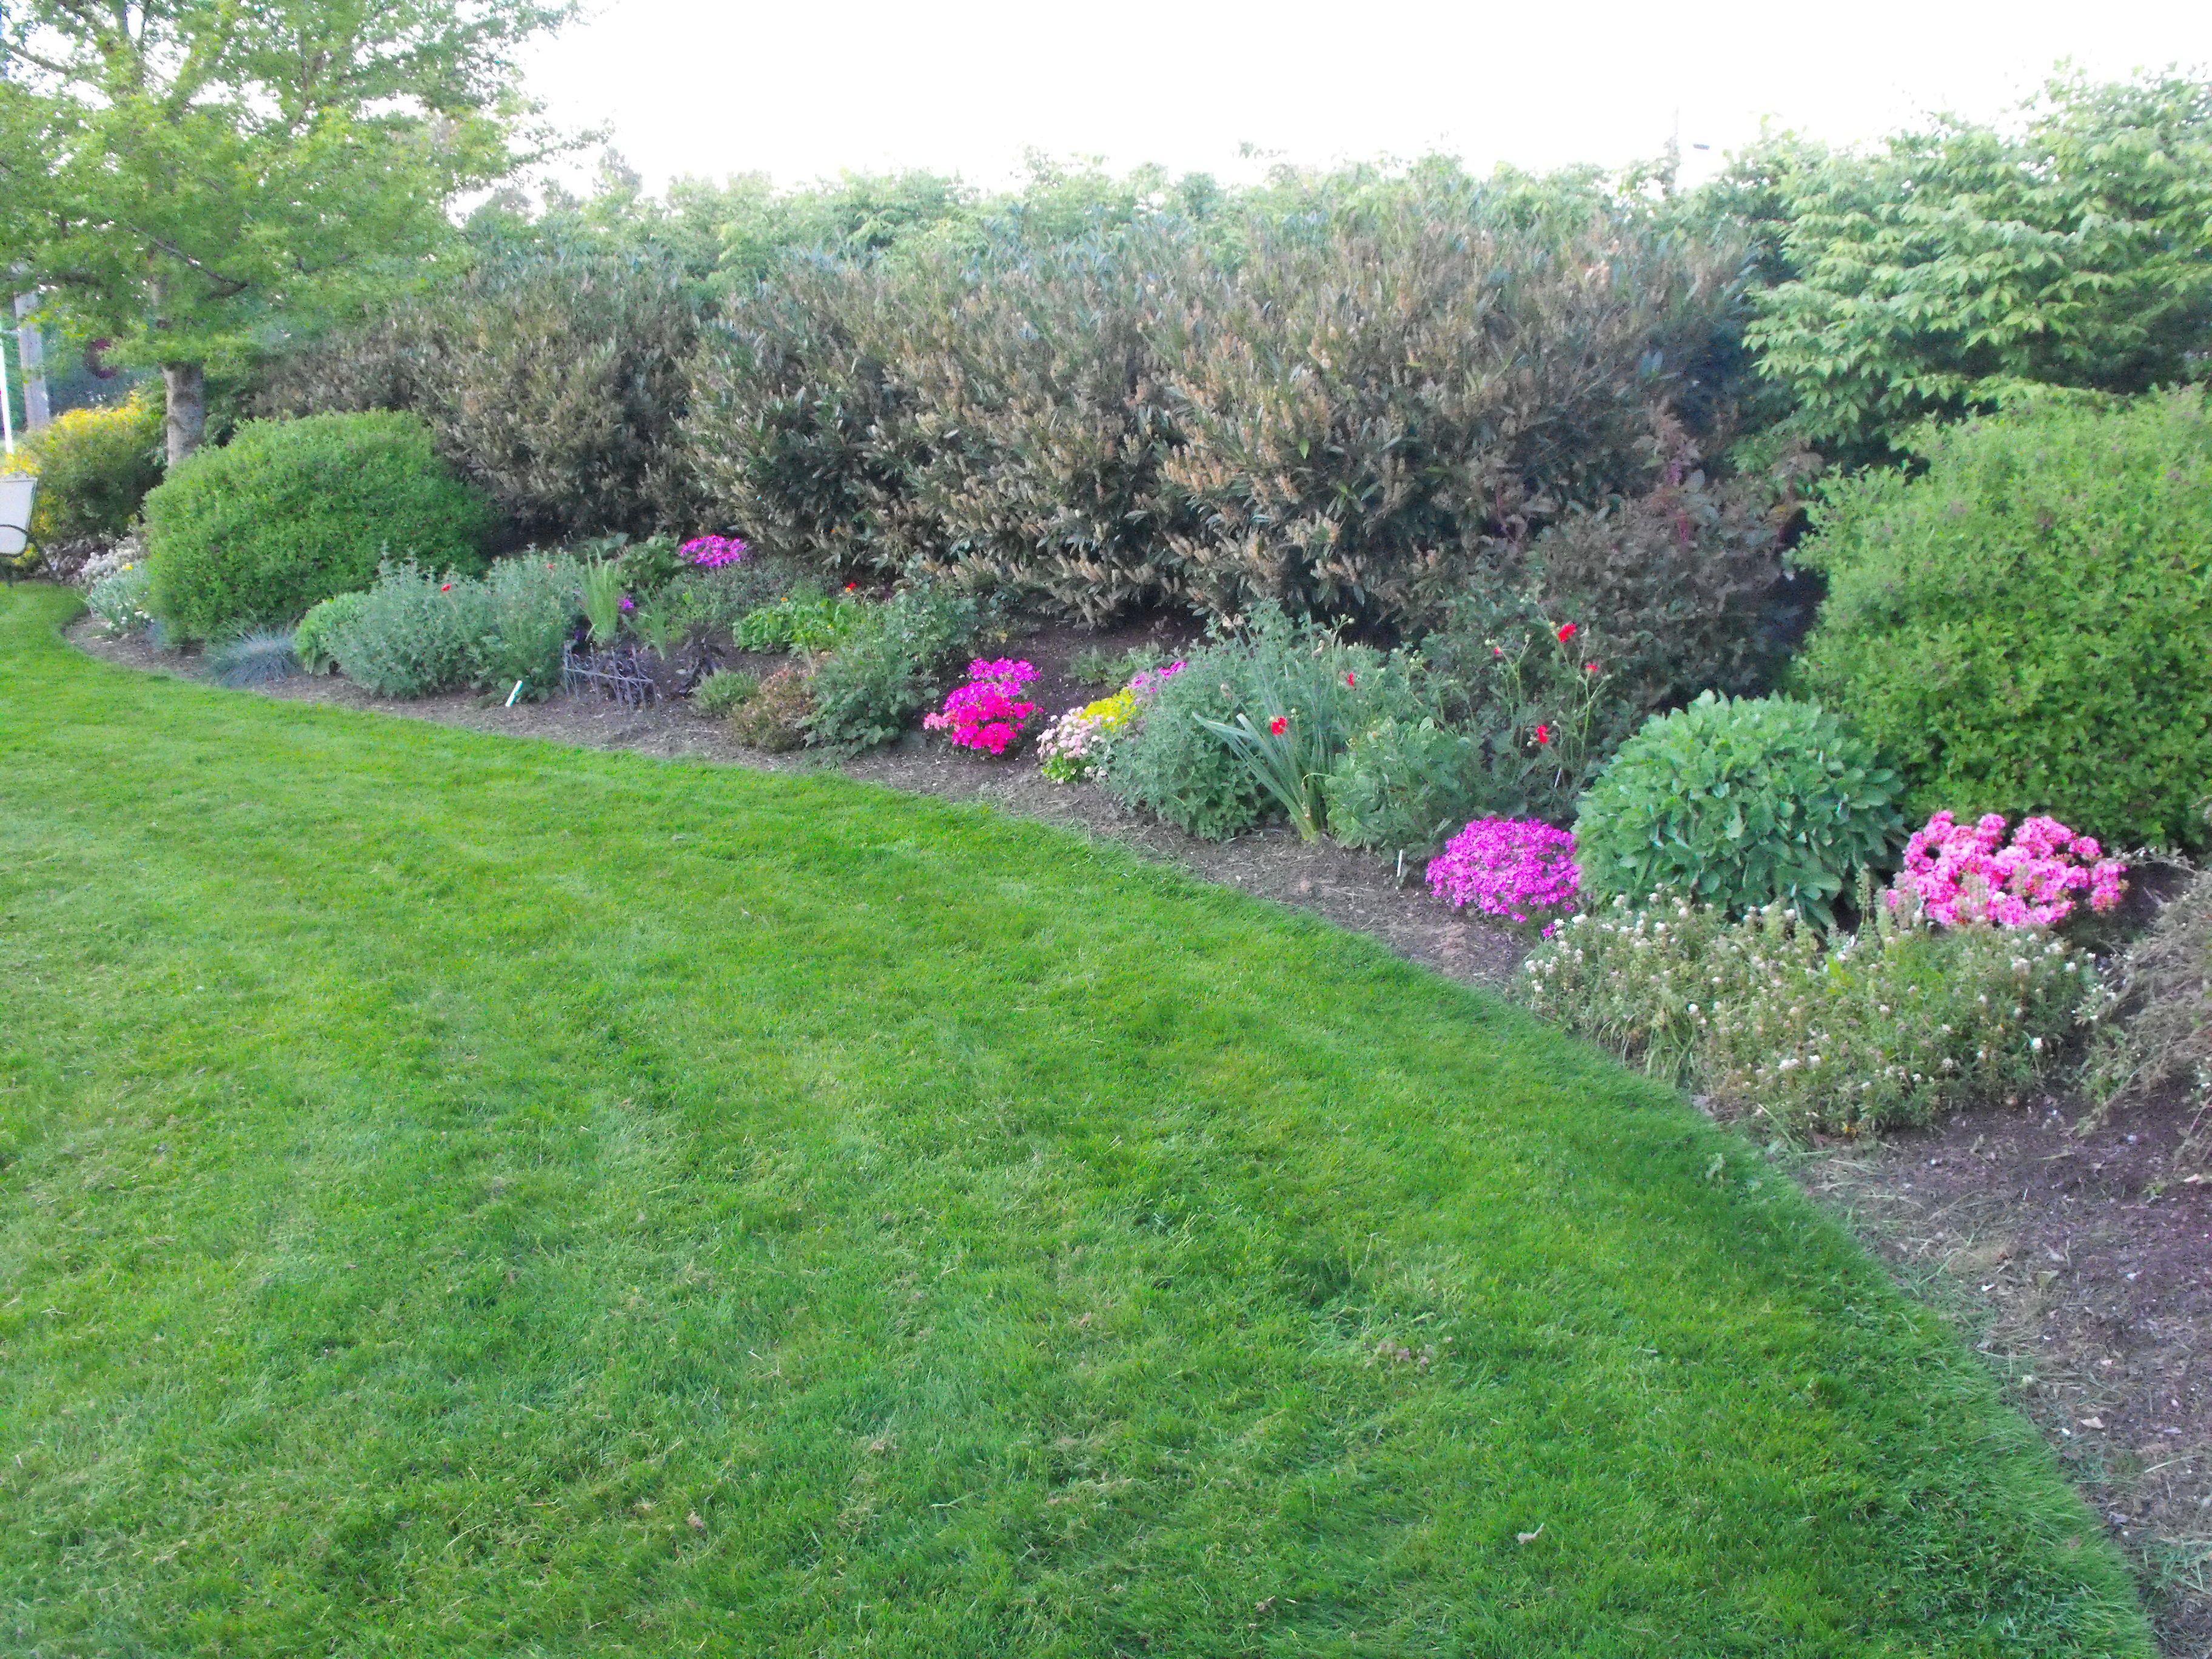 Pin By Patti Rowlson On Garden Inspiration Privacy Landscaping Burning Bush Shrub Laurel Shrub